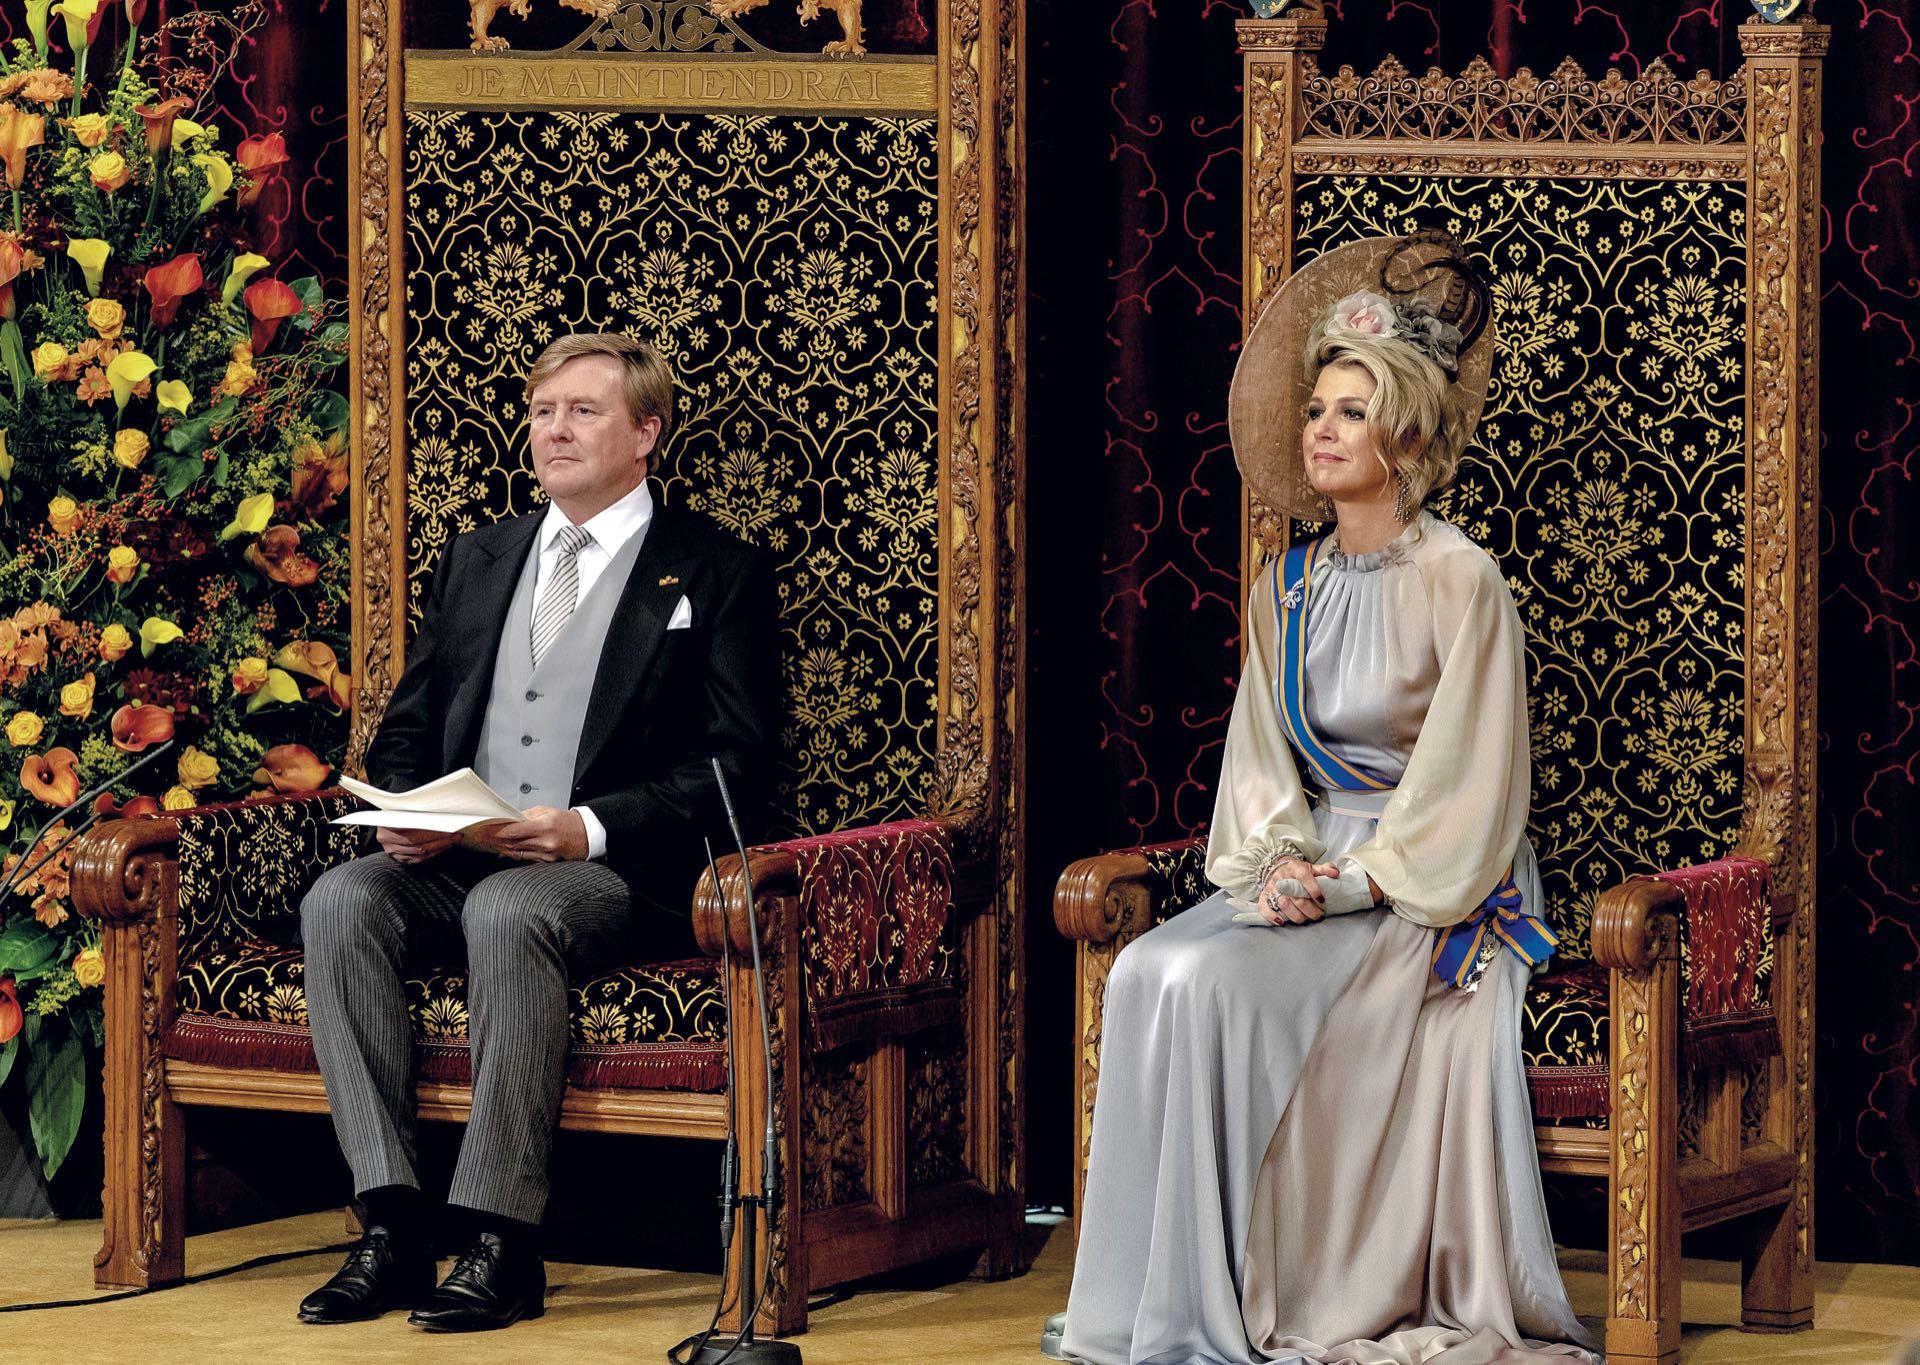 El día de apertura del año parlamentario –único en que, según el protocolo, las mujeres deben usar sombrero– el rey leyó su discurso en la Sala de los Caballeros.